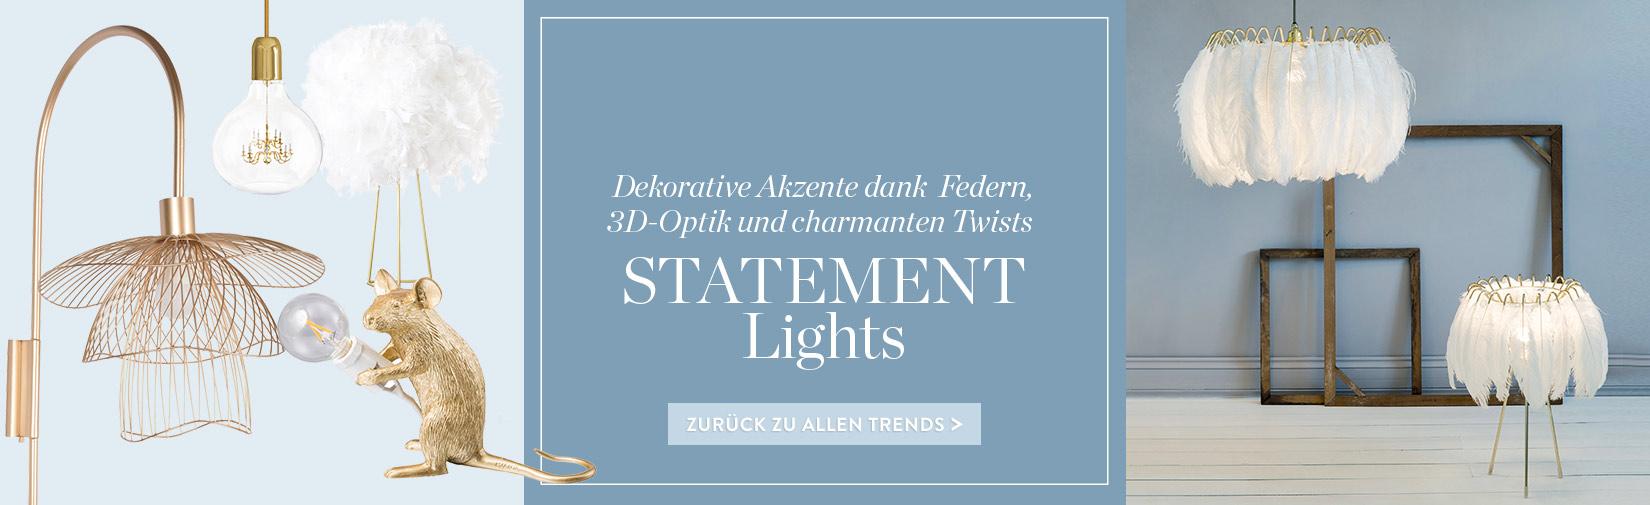 LP_Leuchten_Statement_Desktop_new